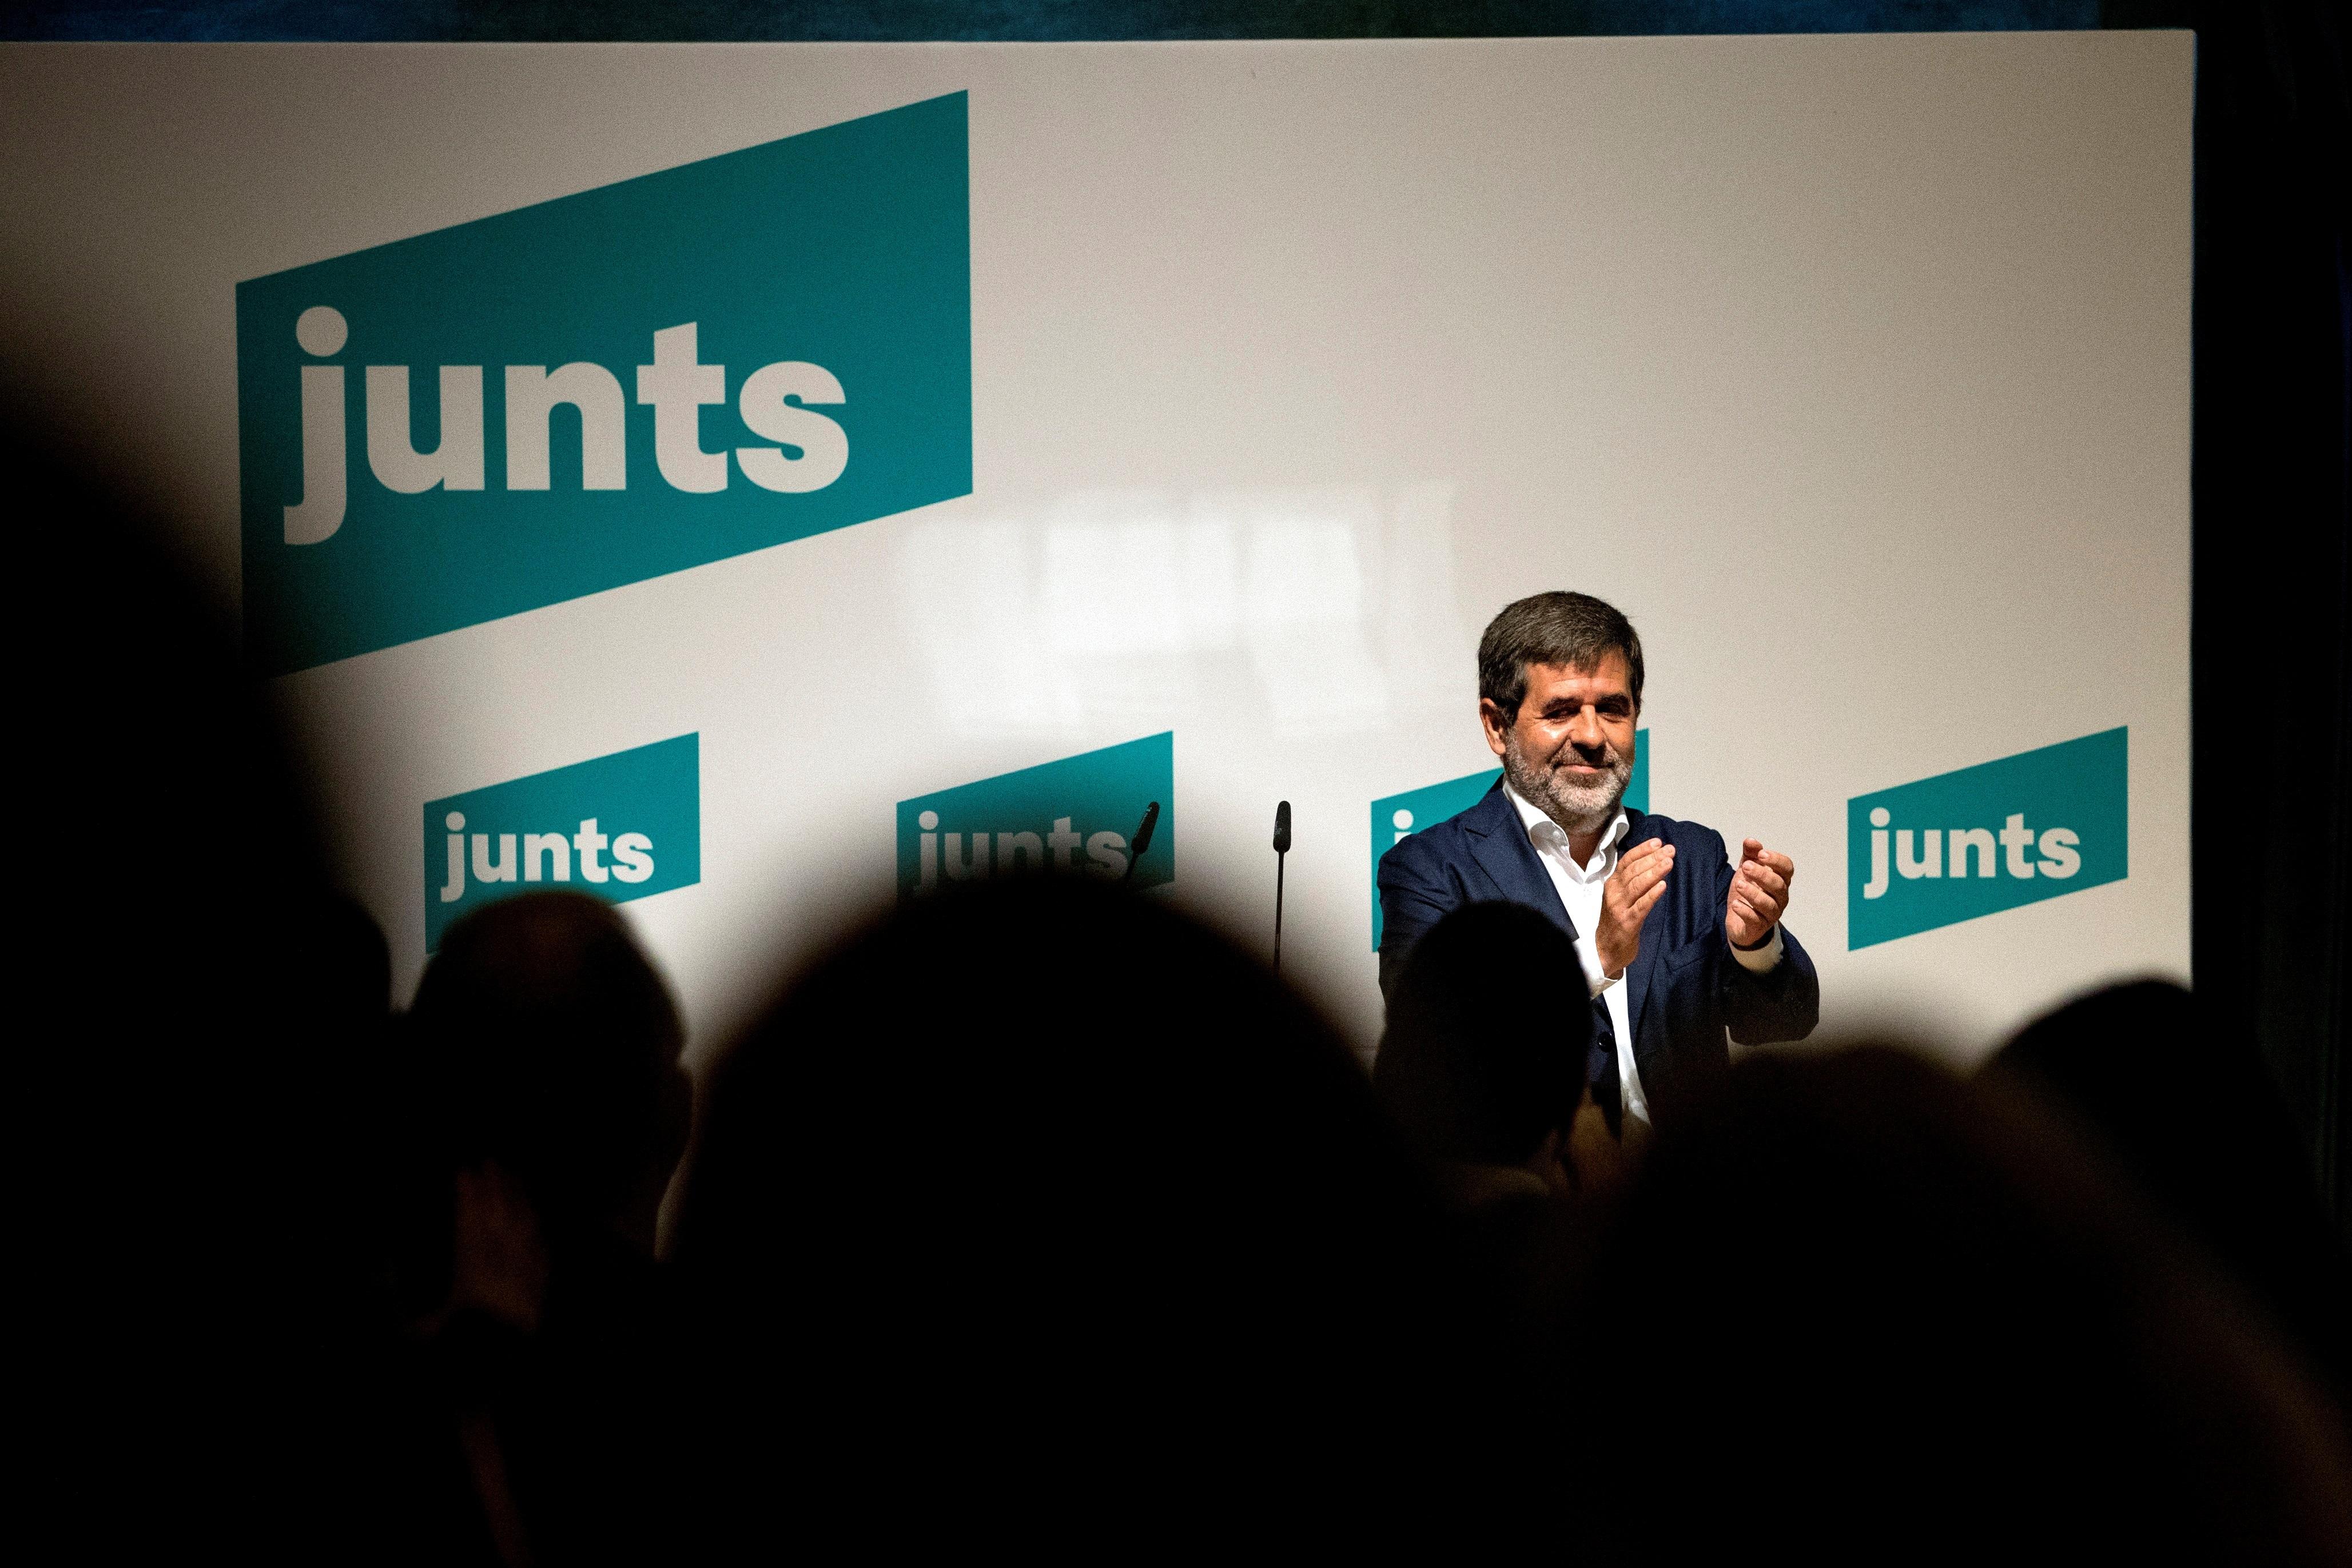 Junts, dividida entre la gestión y la autoridad de Puigdemont